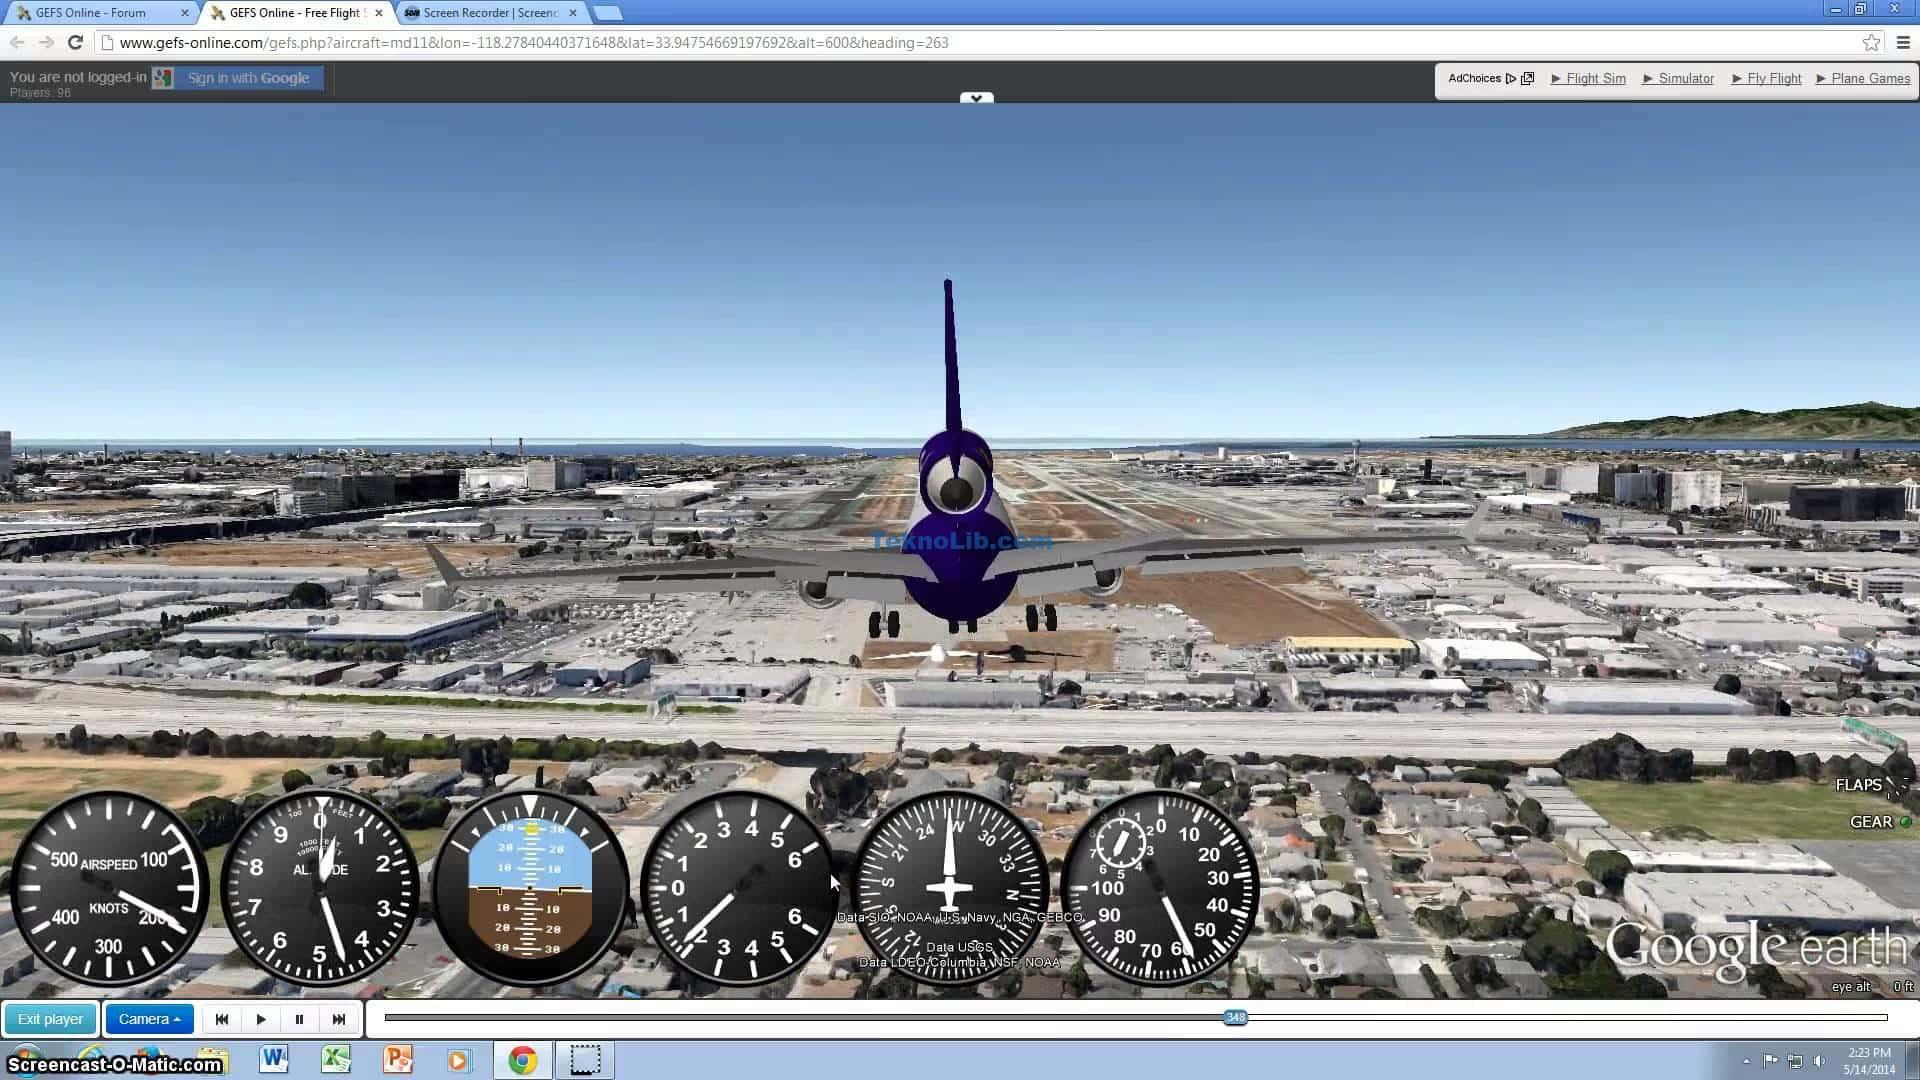 GEFS online simulator ile ilgili görsel sonucu